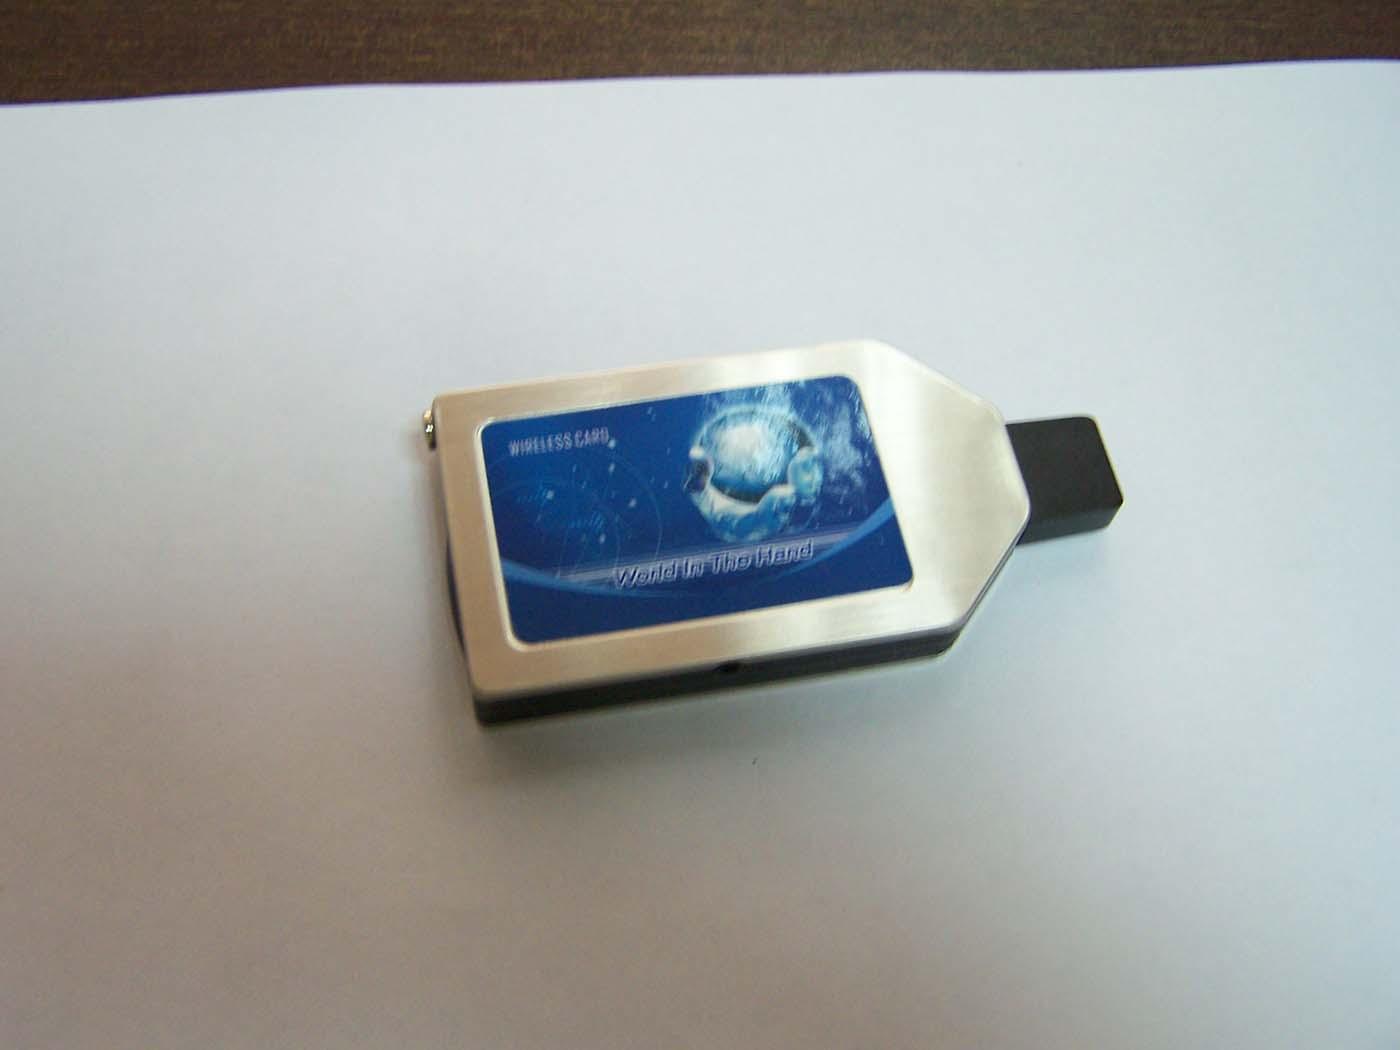 Pcmcia Gprs ( Cdma, Wcdma) Wireless Modem